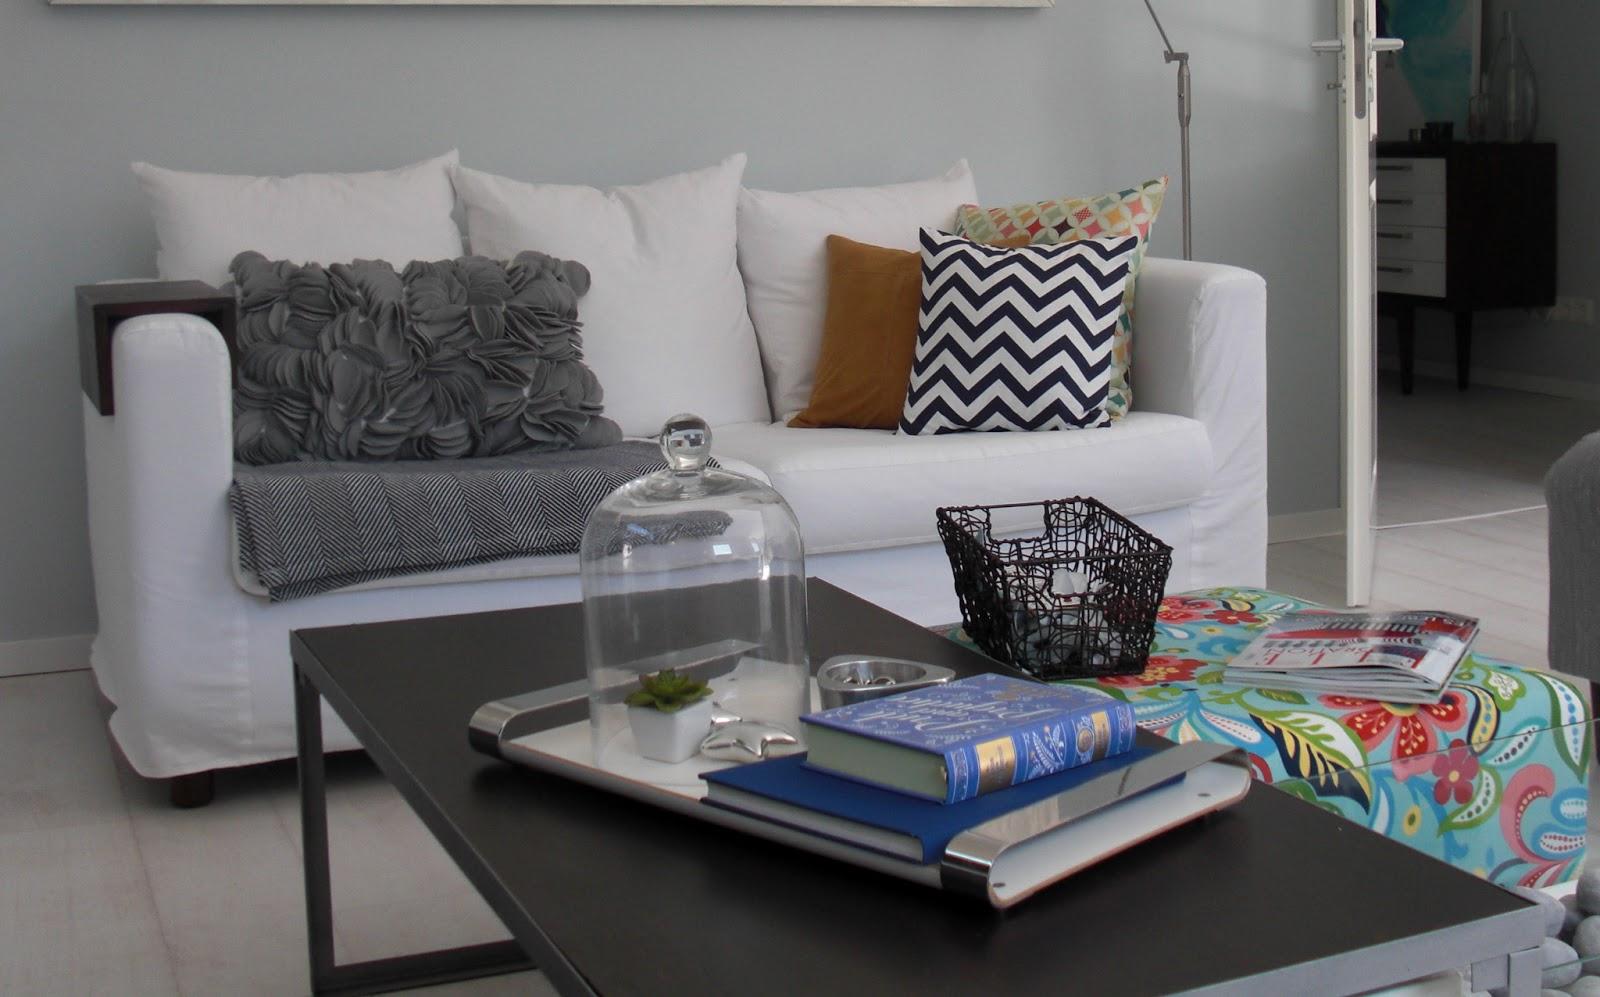 heim elich neue bunte kissen im wohnzimmer. Black Bedroom Furniture Sets. Home Design Ideas